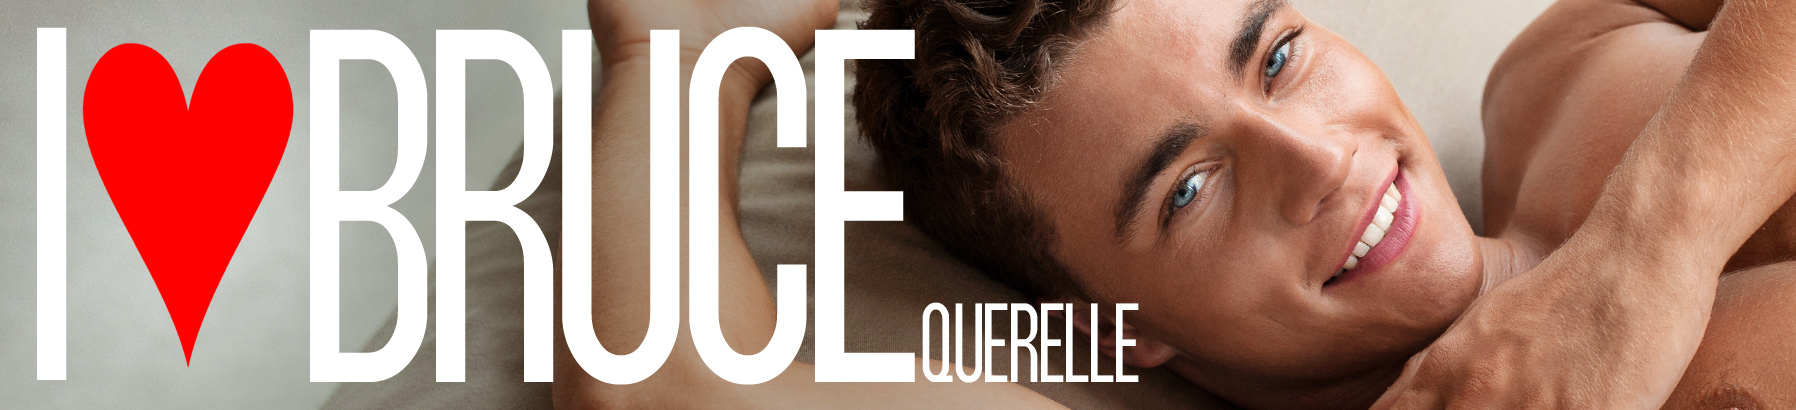 I LOVE BRUCE QUERELLE - TOUR